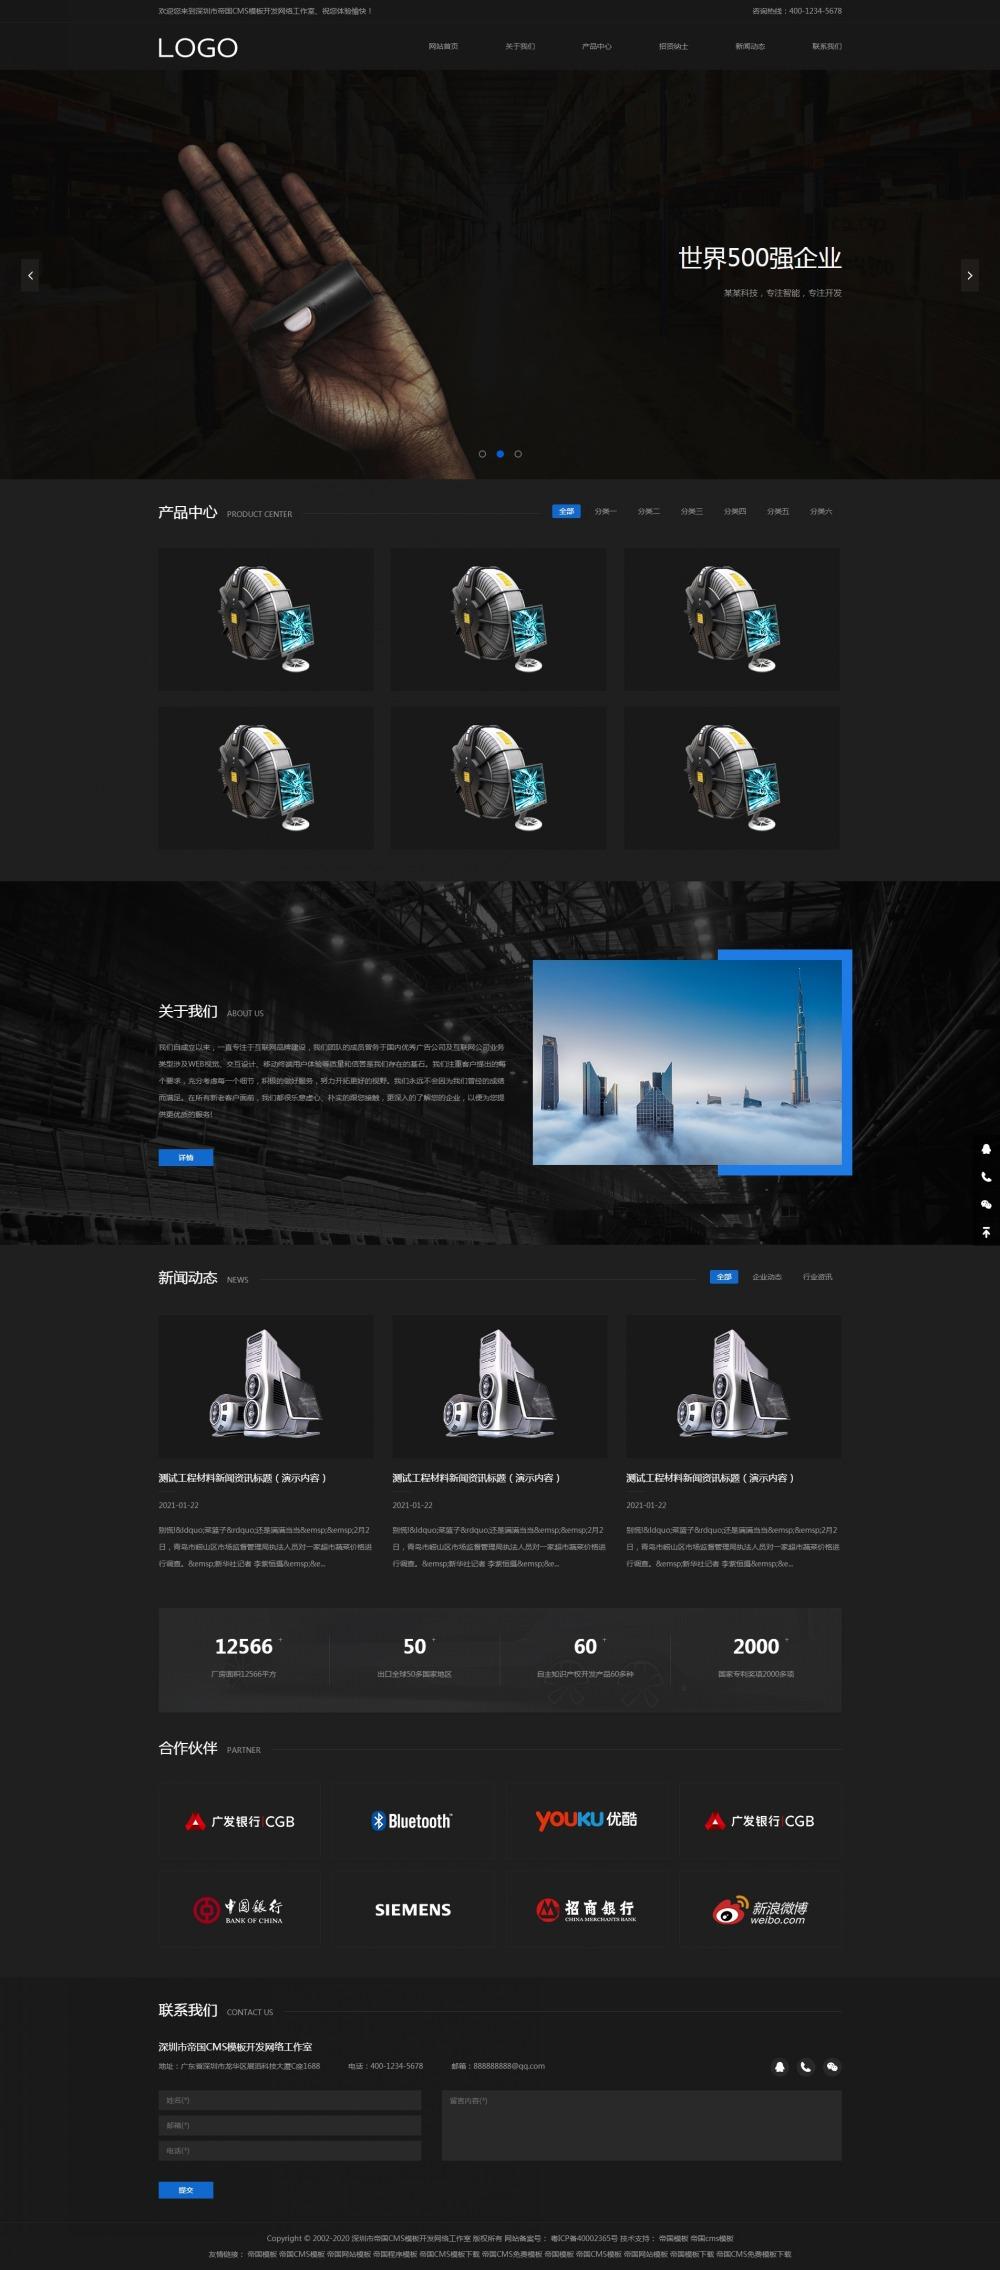 1首页.jpg [DG-0179]黑色响应式环保新材料网站类帝国cms模板 HTML5高新技术新型材料帝国cms网站源码下载 企业模板 第1张